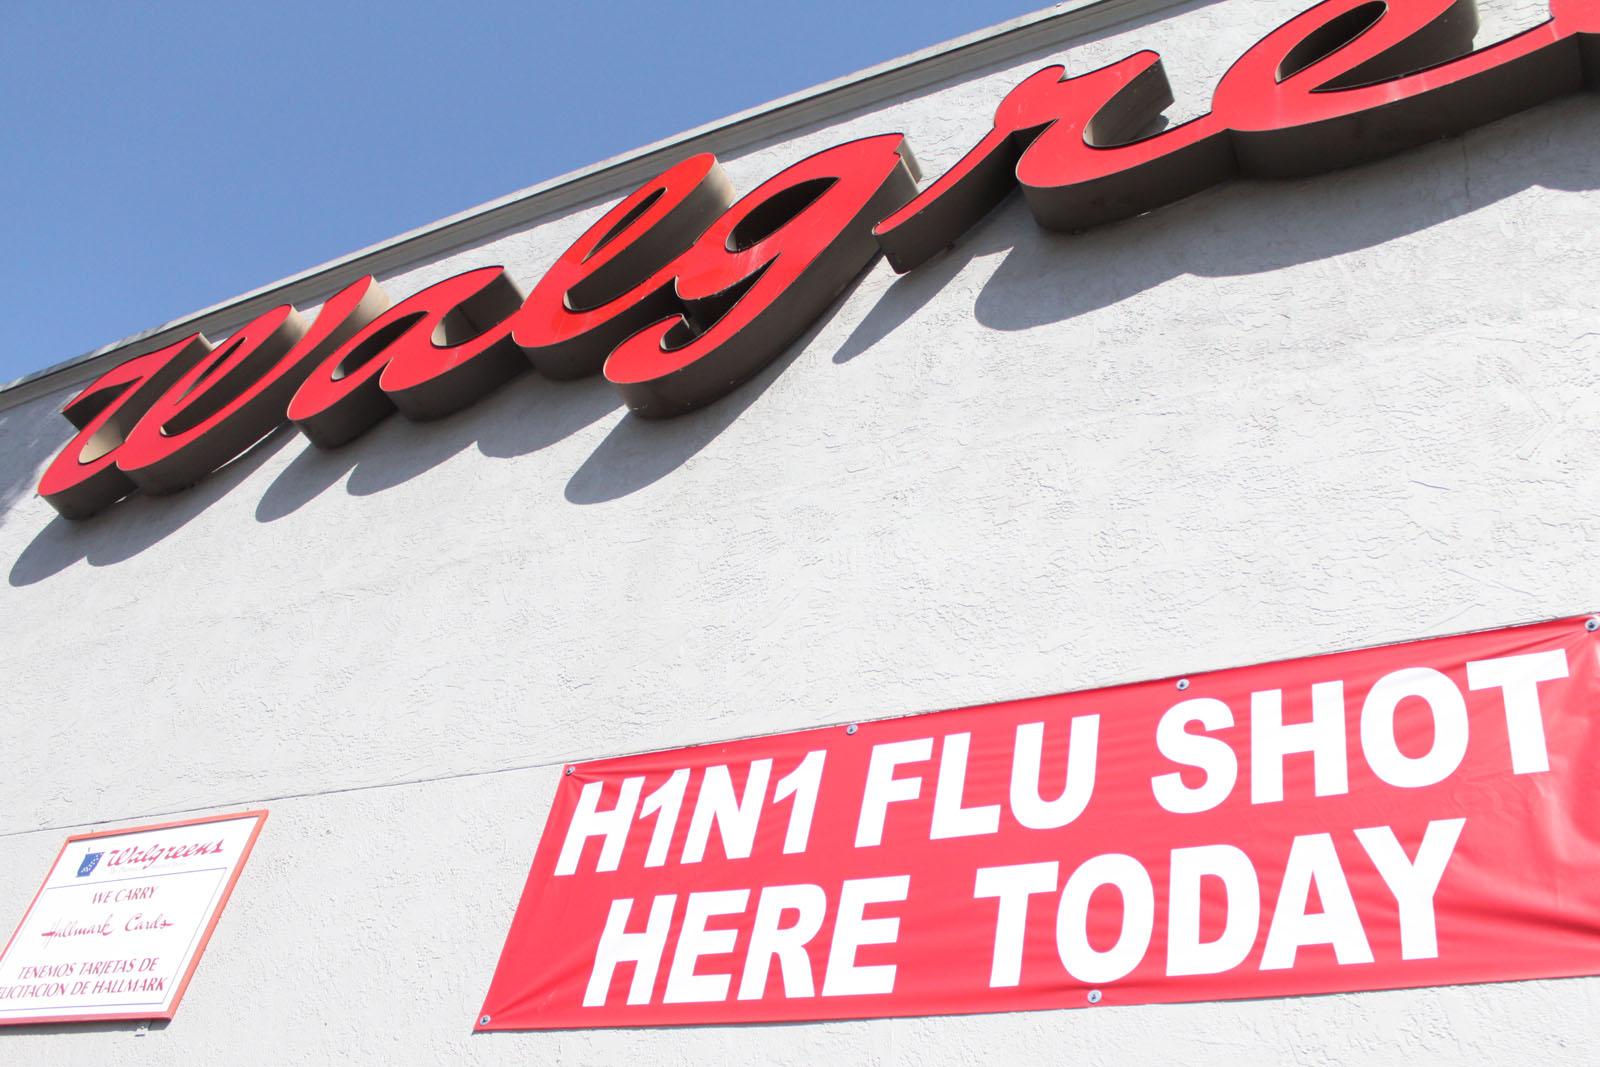 It's Swine Flu's Anniversary